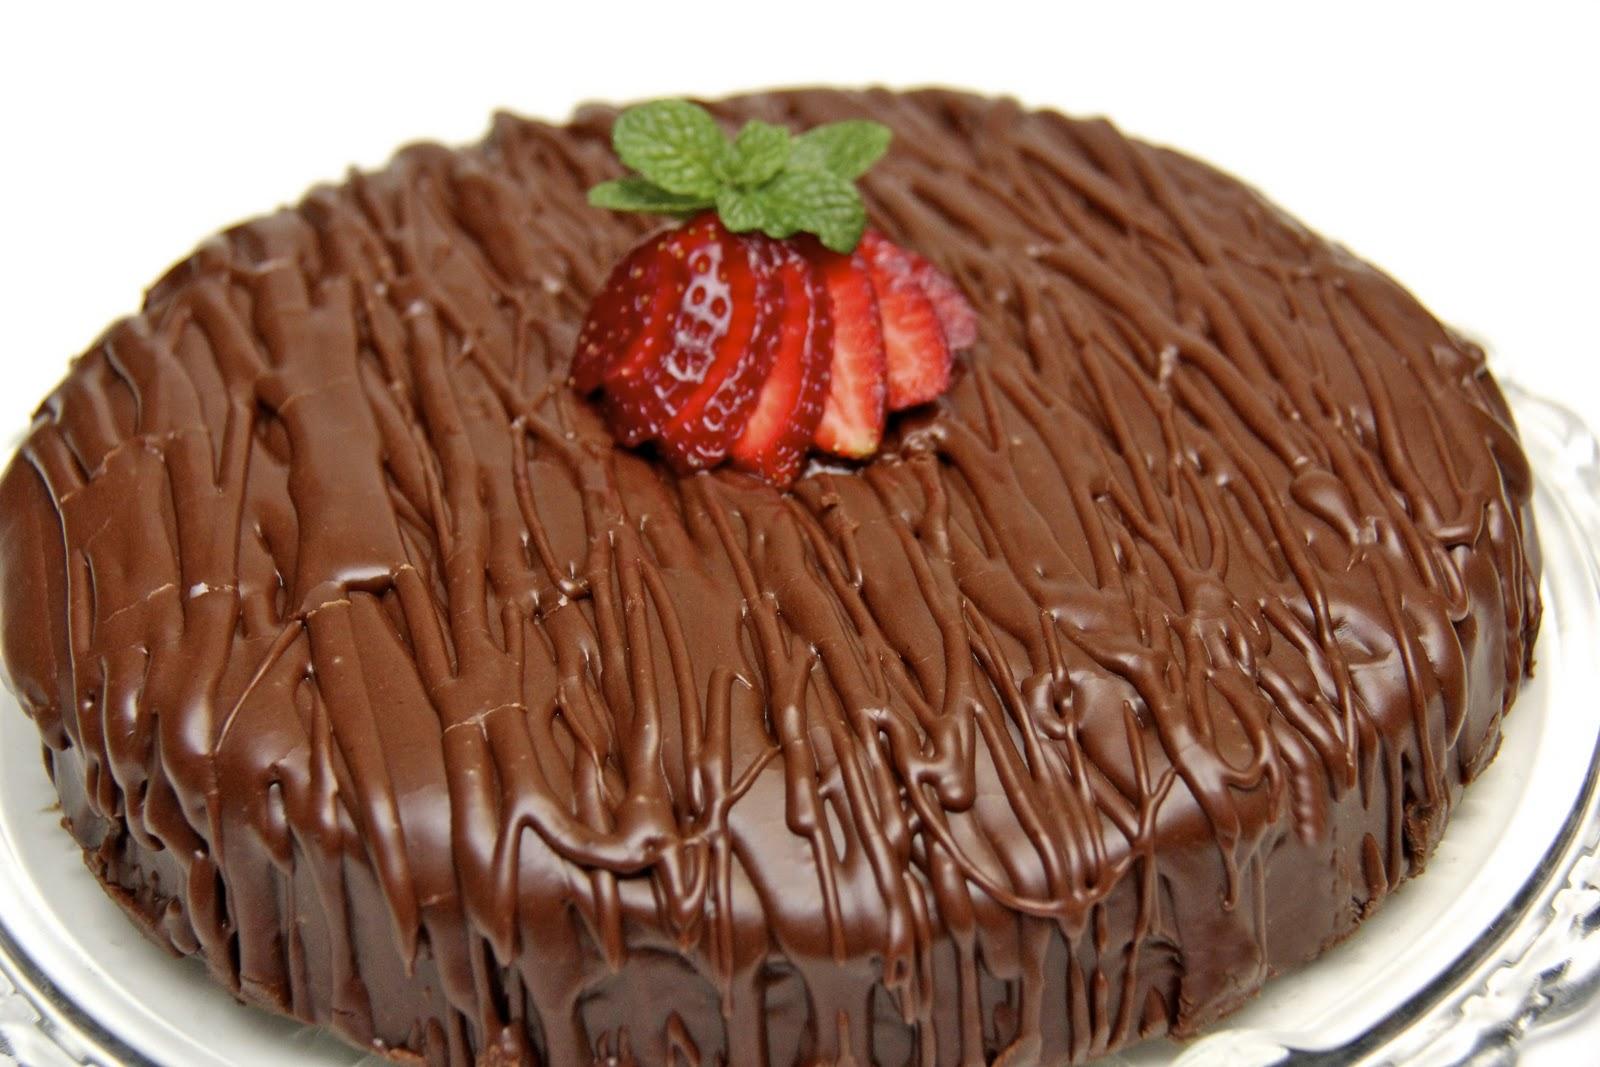 http://4.bp.blogspot.com/-cLjha5RdTMw/Tv02AmROulI/AAAAAAAACuY/HYnnK-HlKKo/s1600/ChocolateObsession.jpg